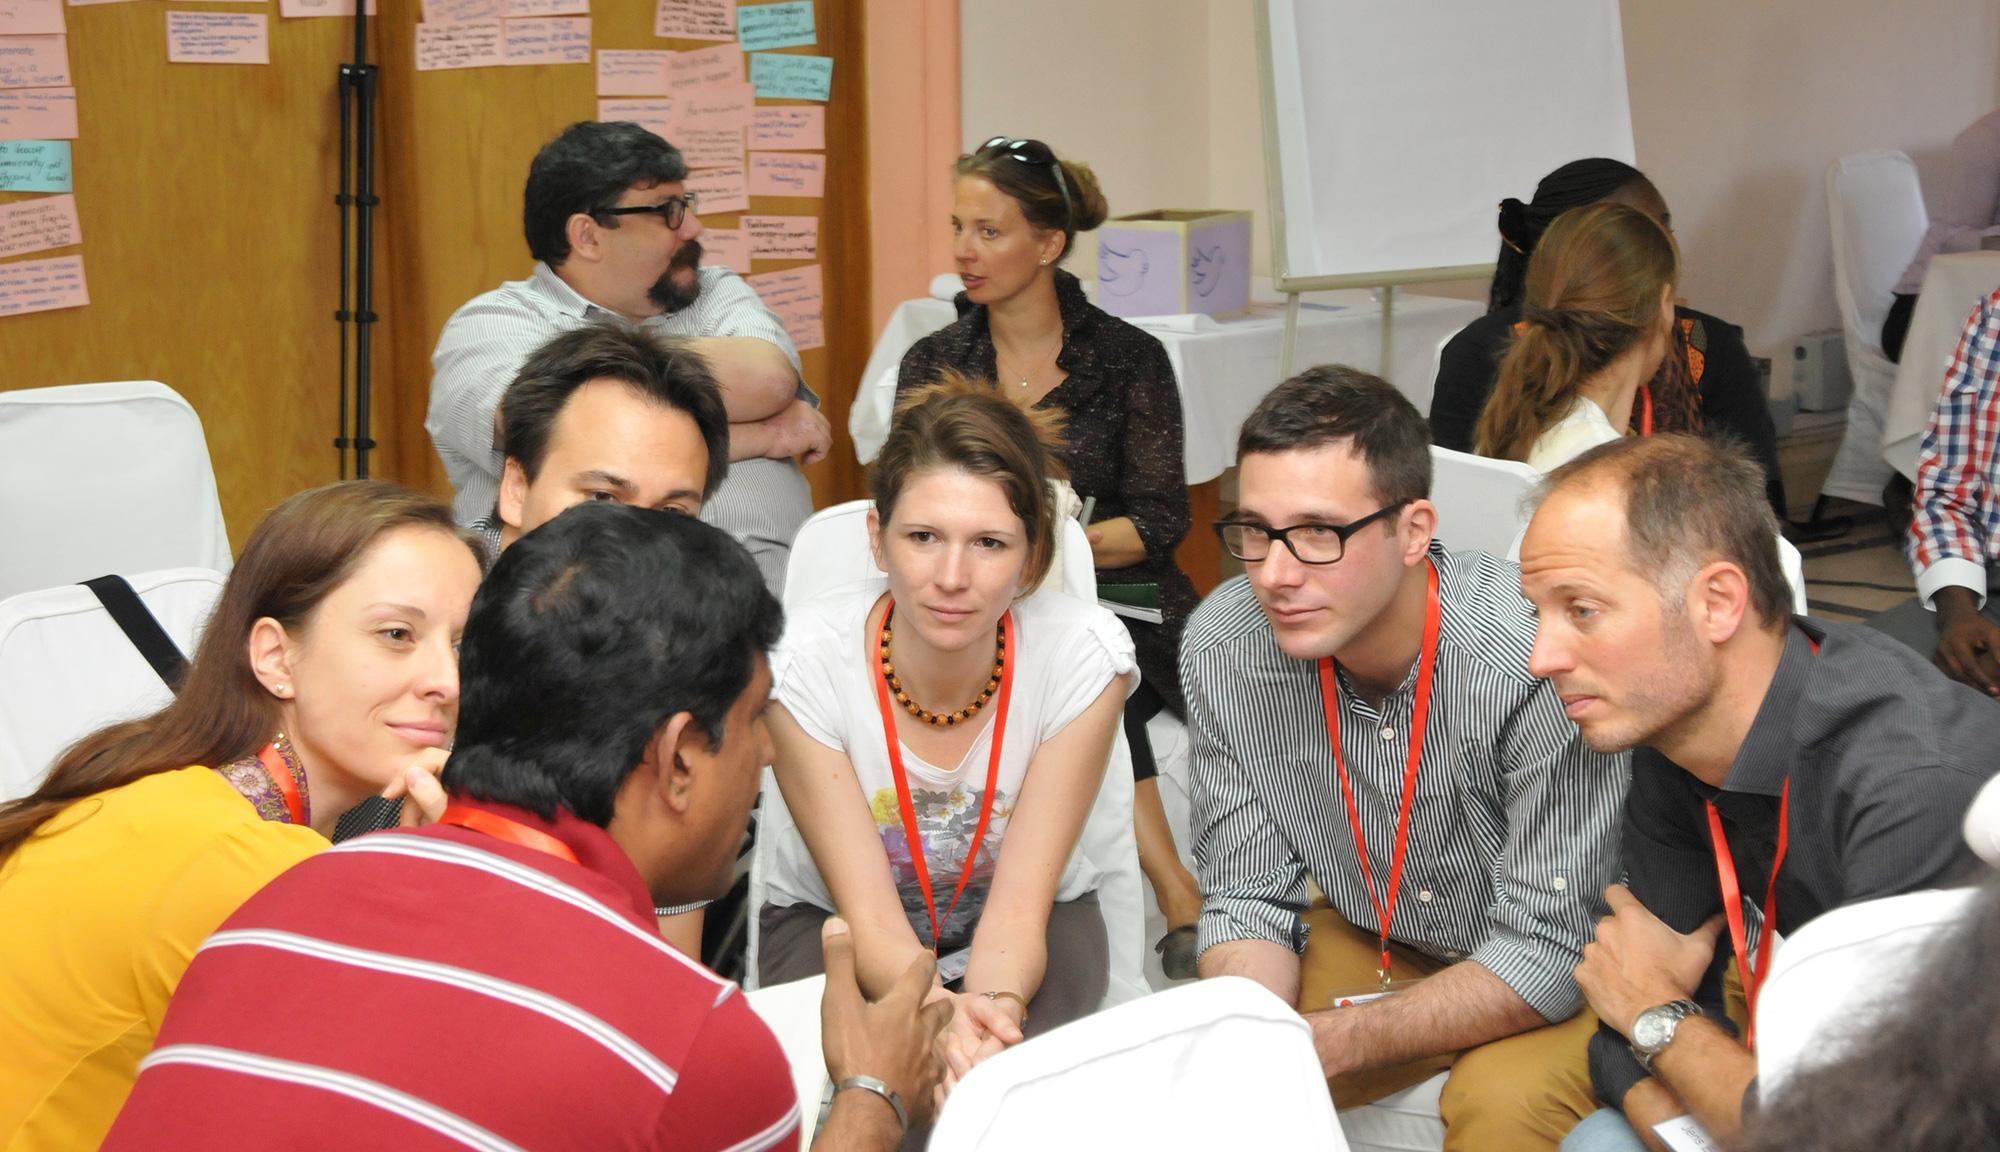 https://www.shareweb.ch/site/DDLGN/learningjourneys/learningjourney2012/SiteAssets/LearningJourney2012.jpg